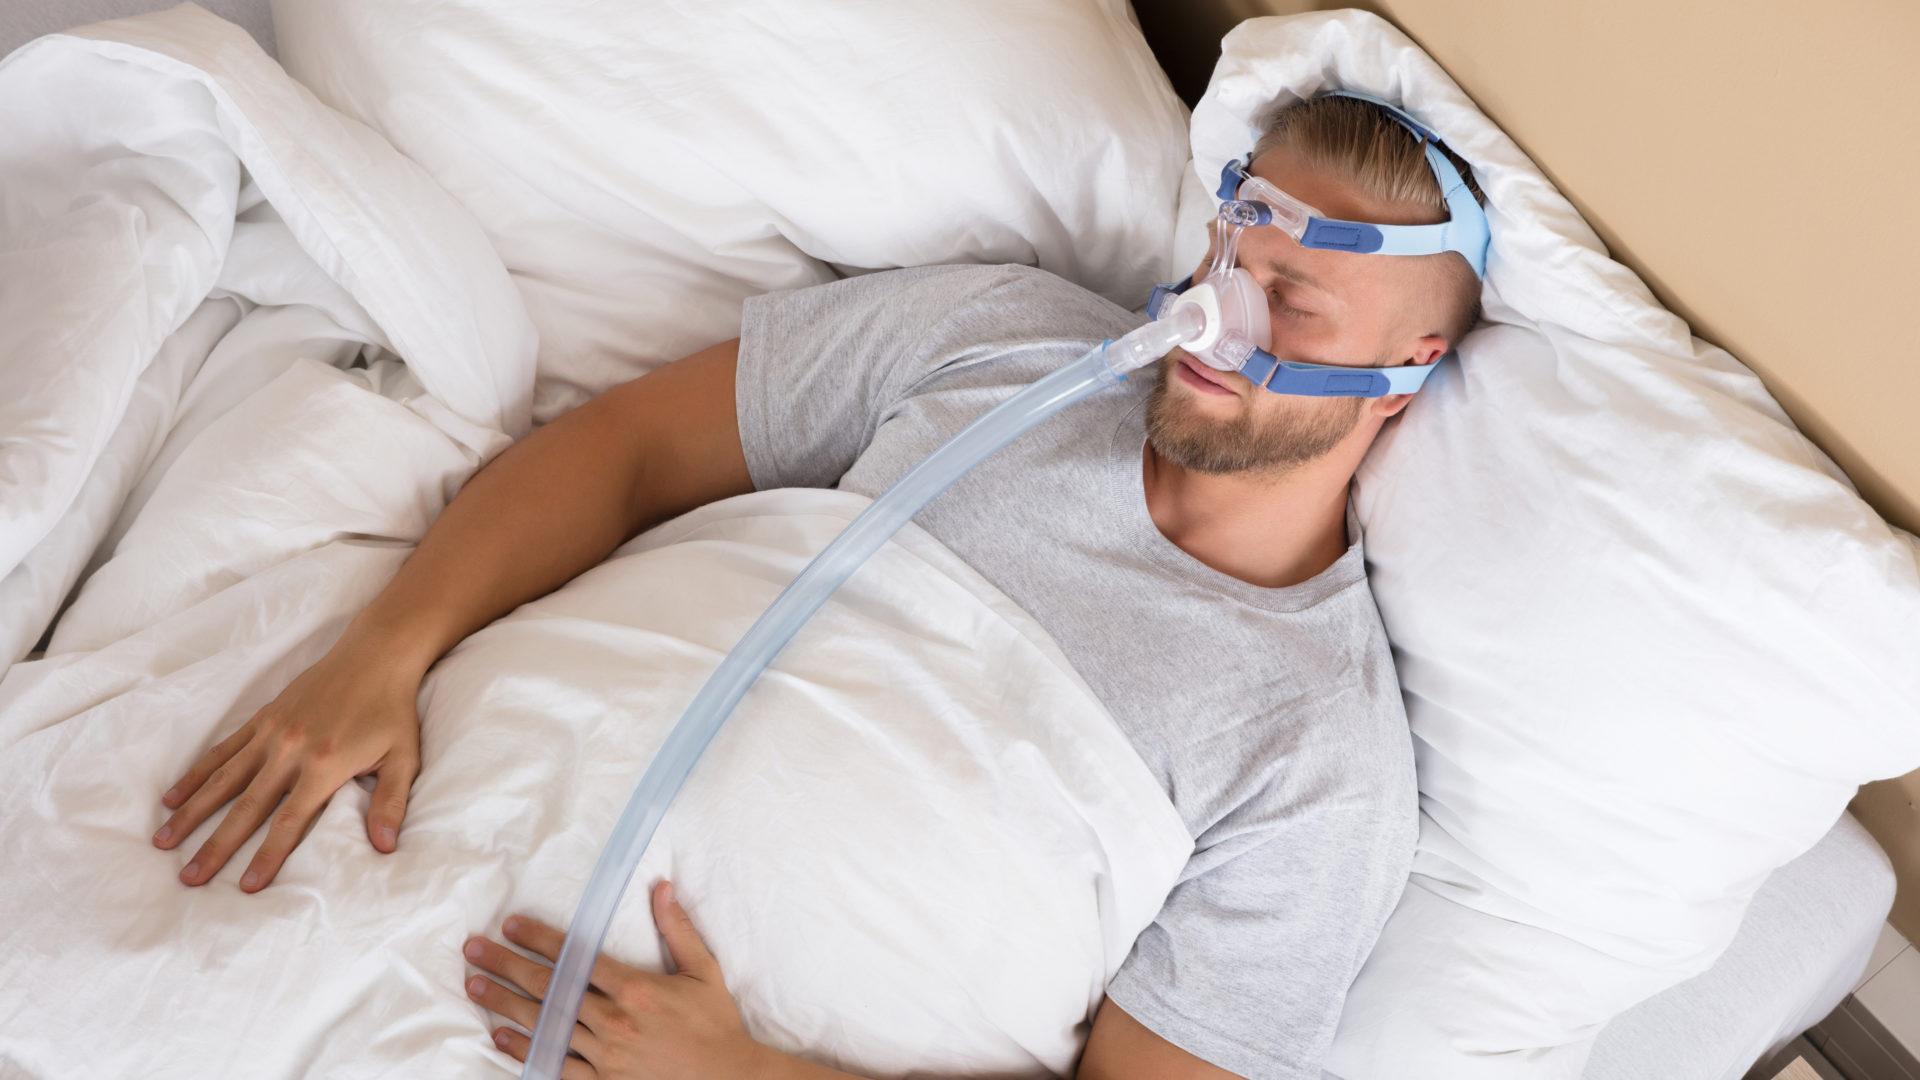 Ylipainoisen kannattaa laihduttaa, mikäli kärsii uniapneasta. Tosin uniapneaa esiintyy myös normaalipainoisilla.